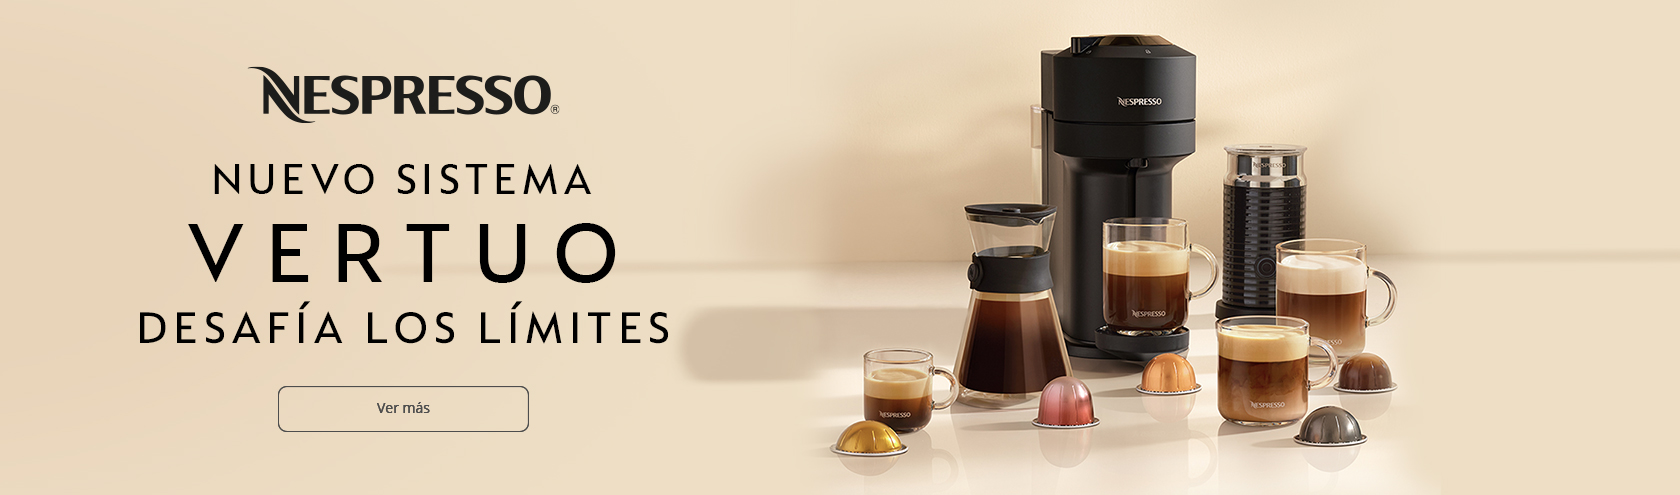 Lanzamiento Vertuo Nespresso